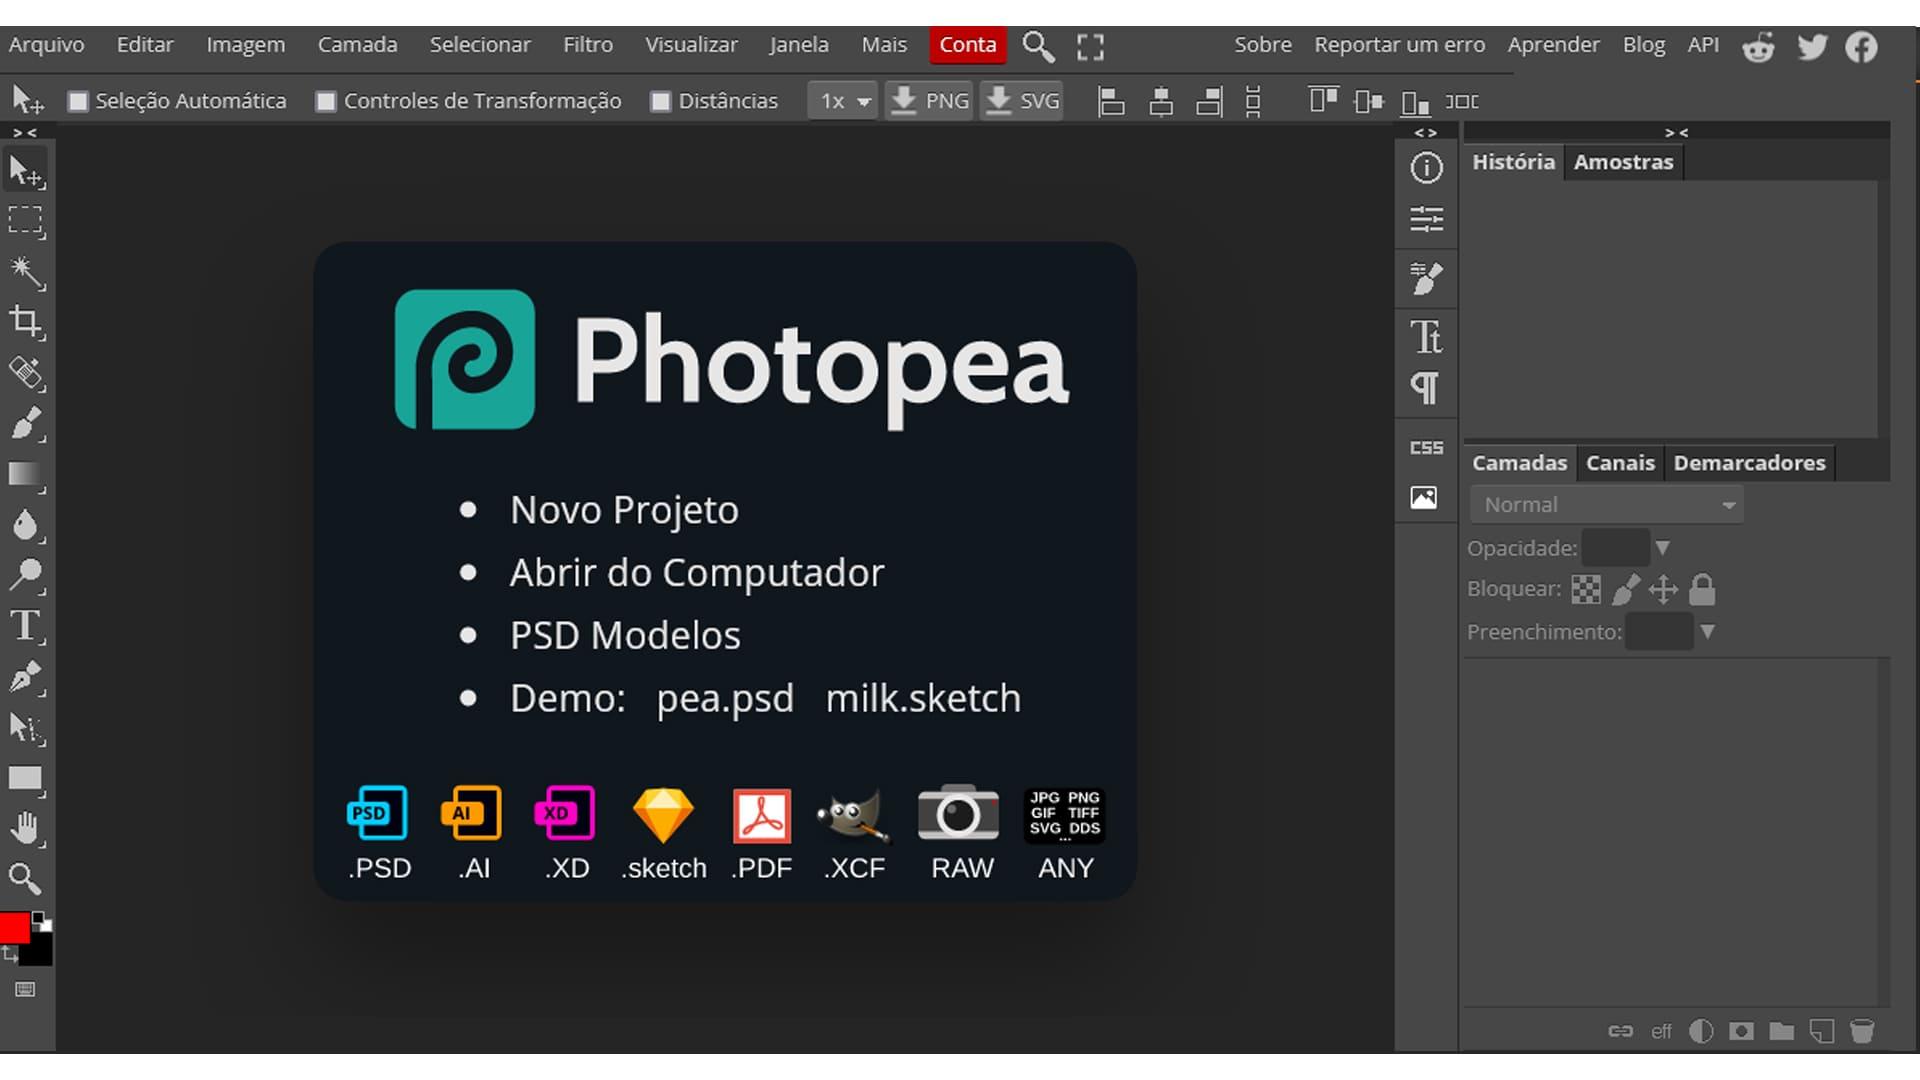 Captura de tela do editor de fotos pra PC Photopea